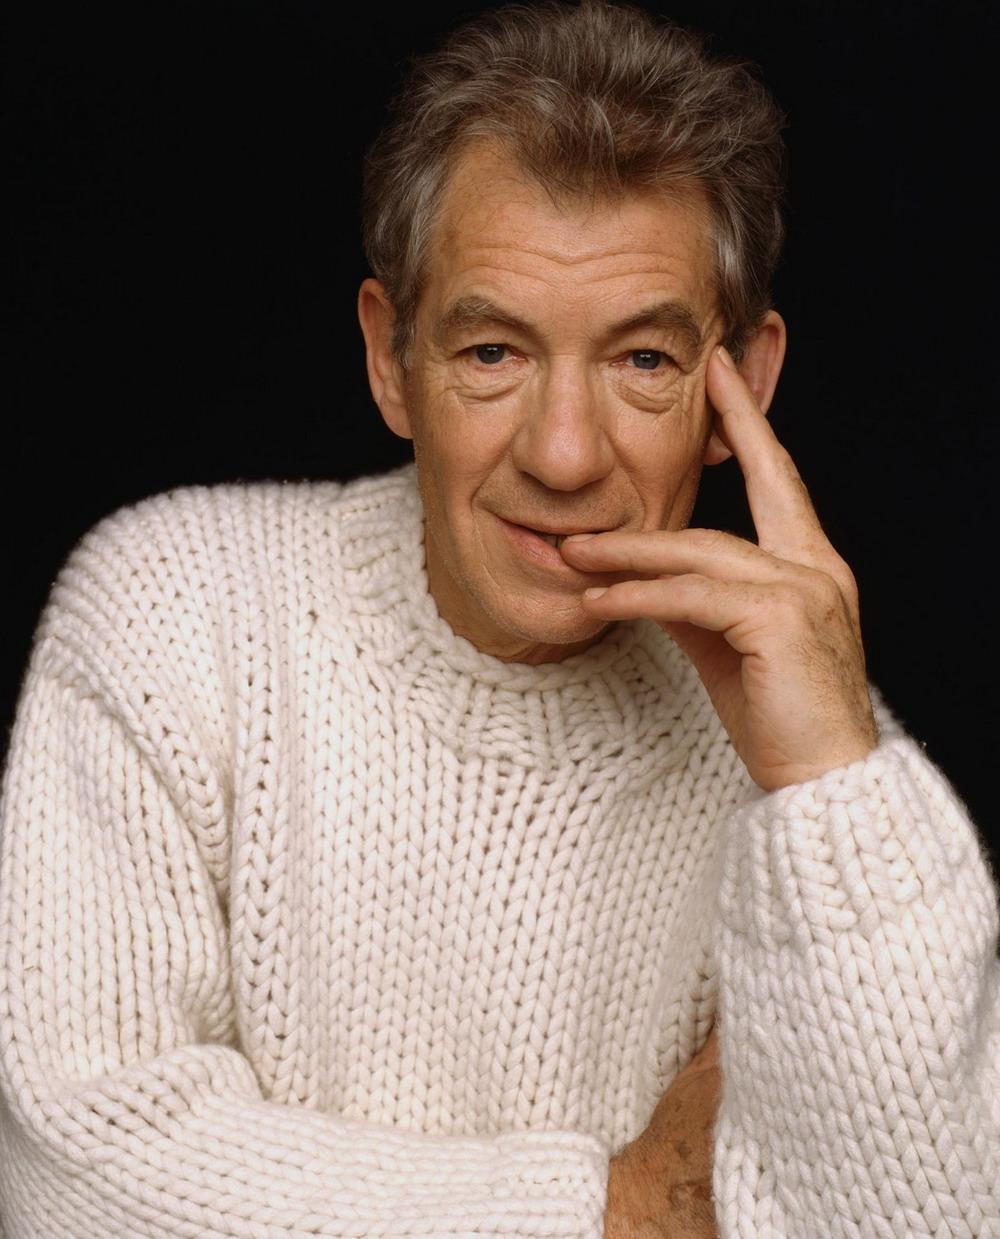 Ian McKellen - Images